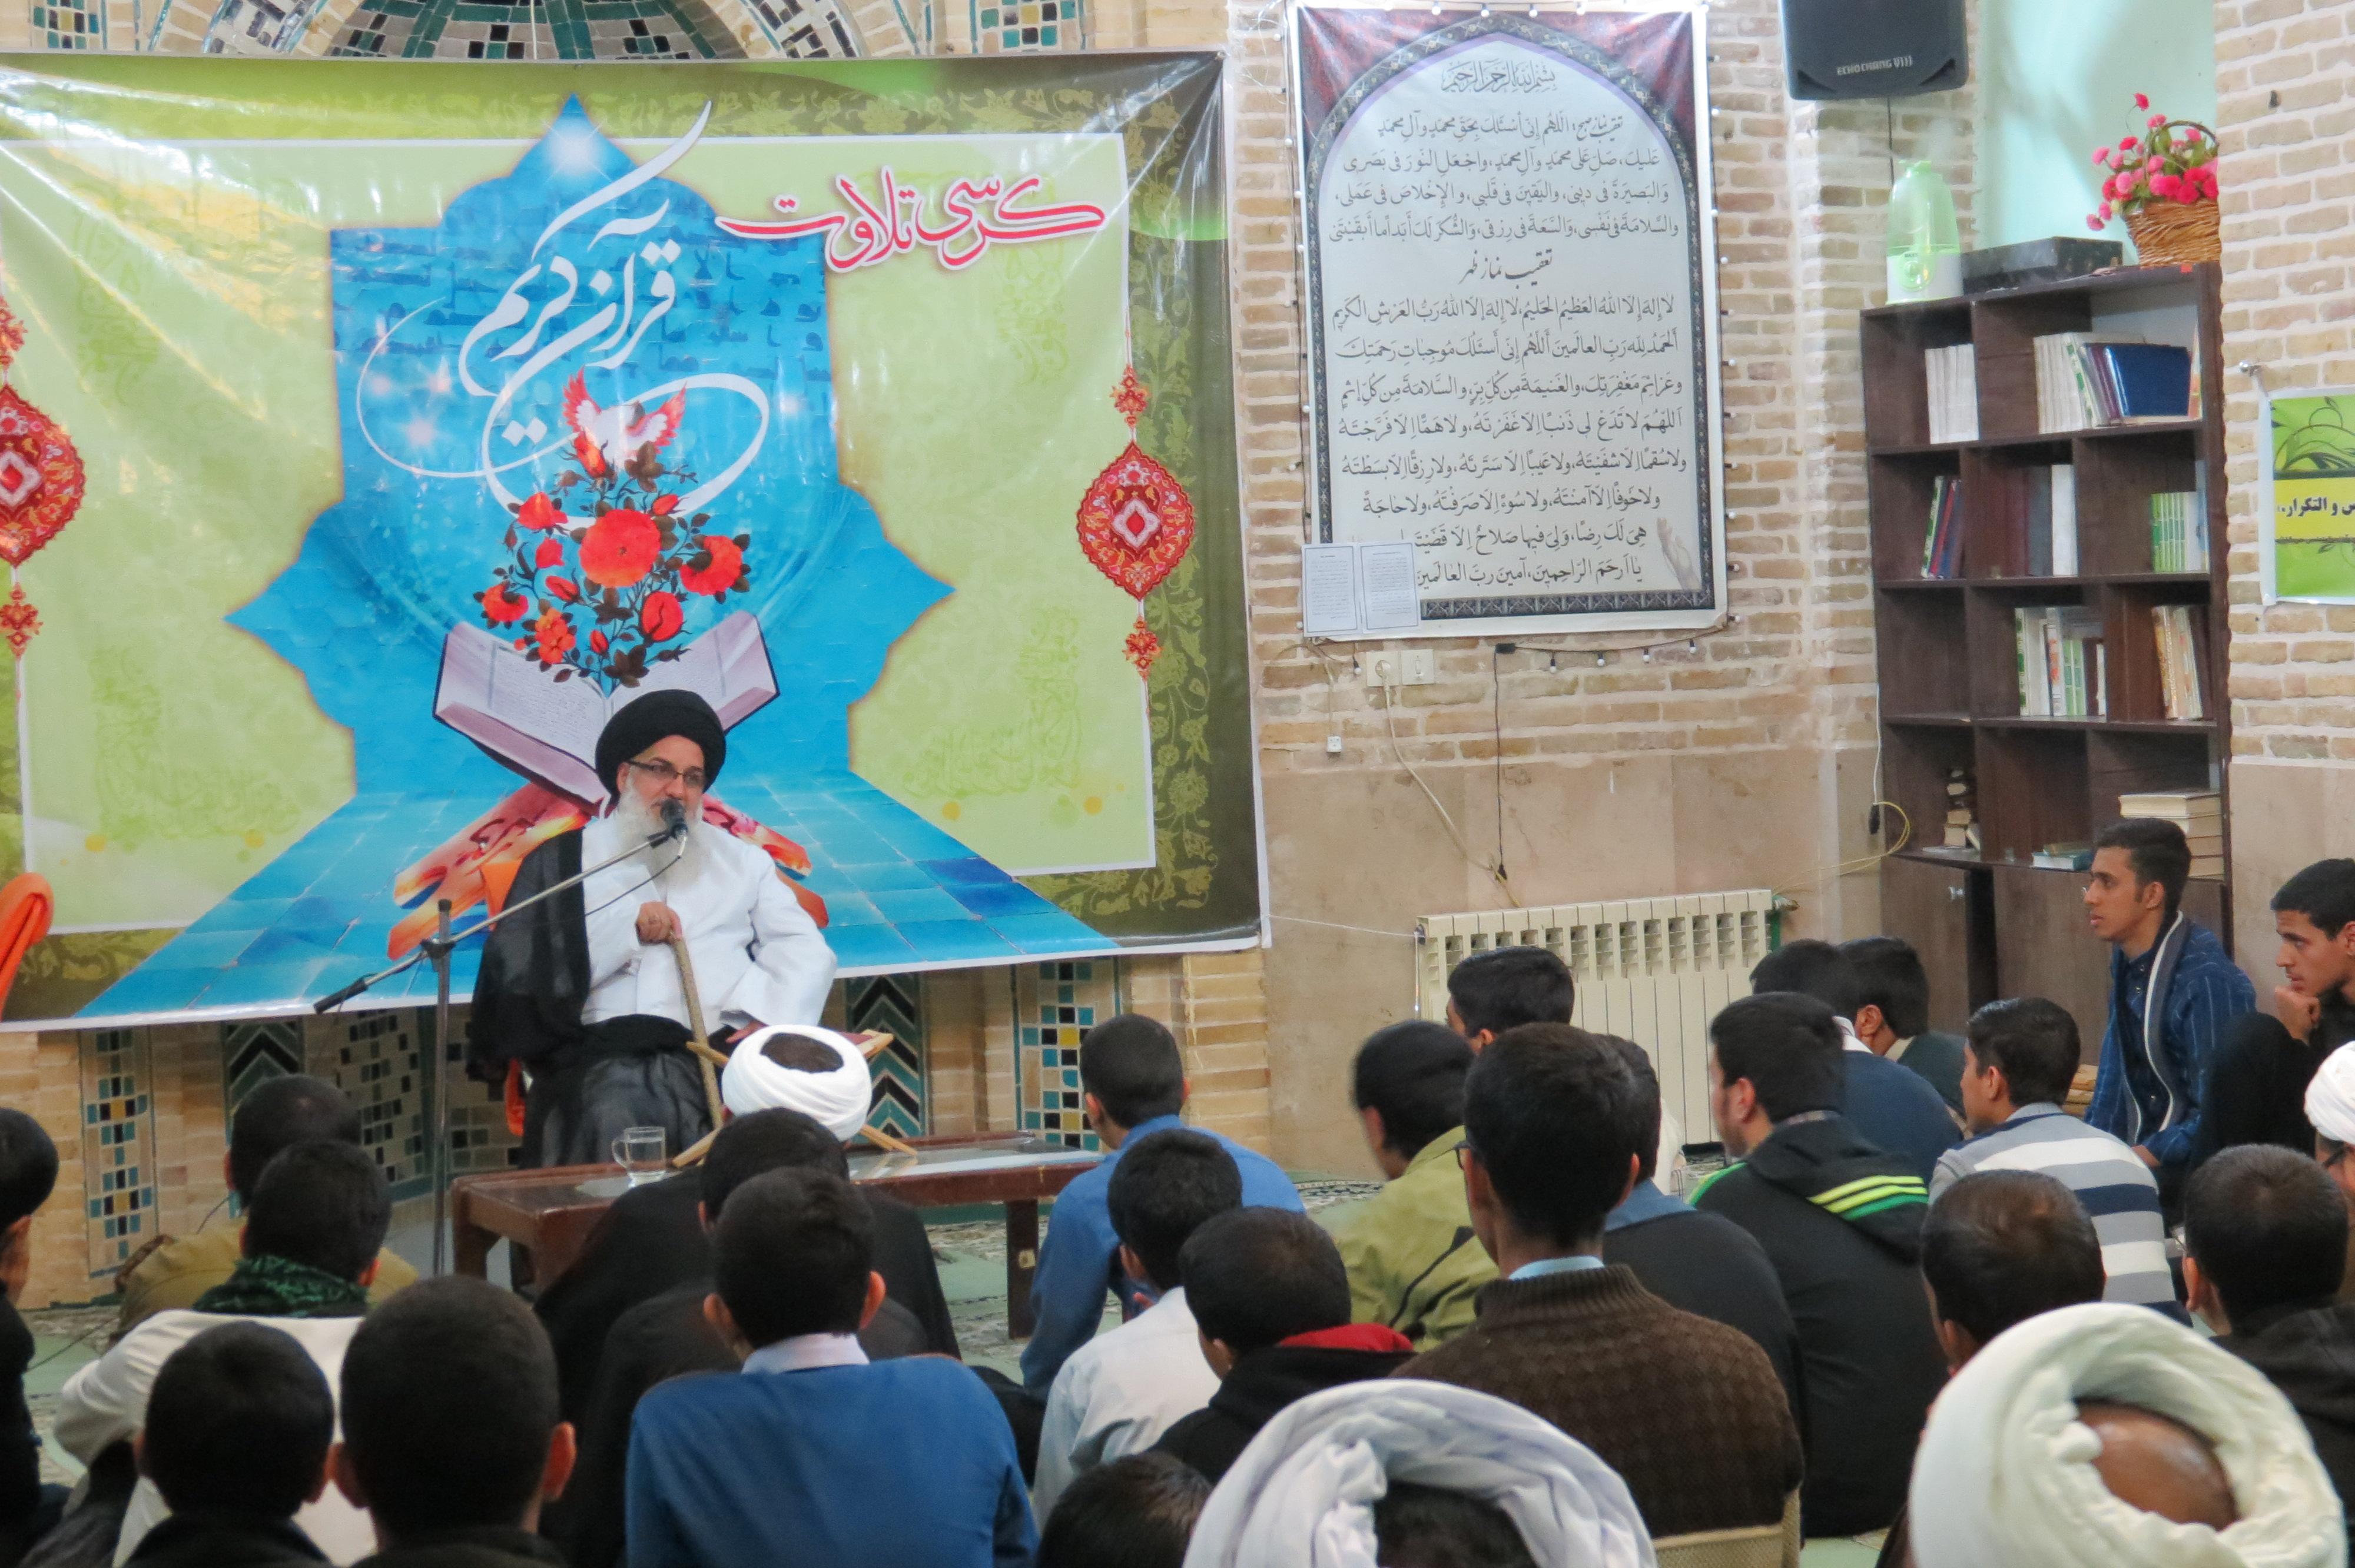 مراسم کرسی تلاوت در مدرسه محمودیه کرمان